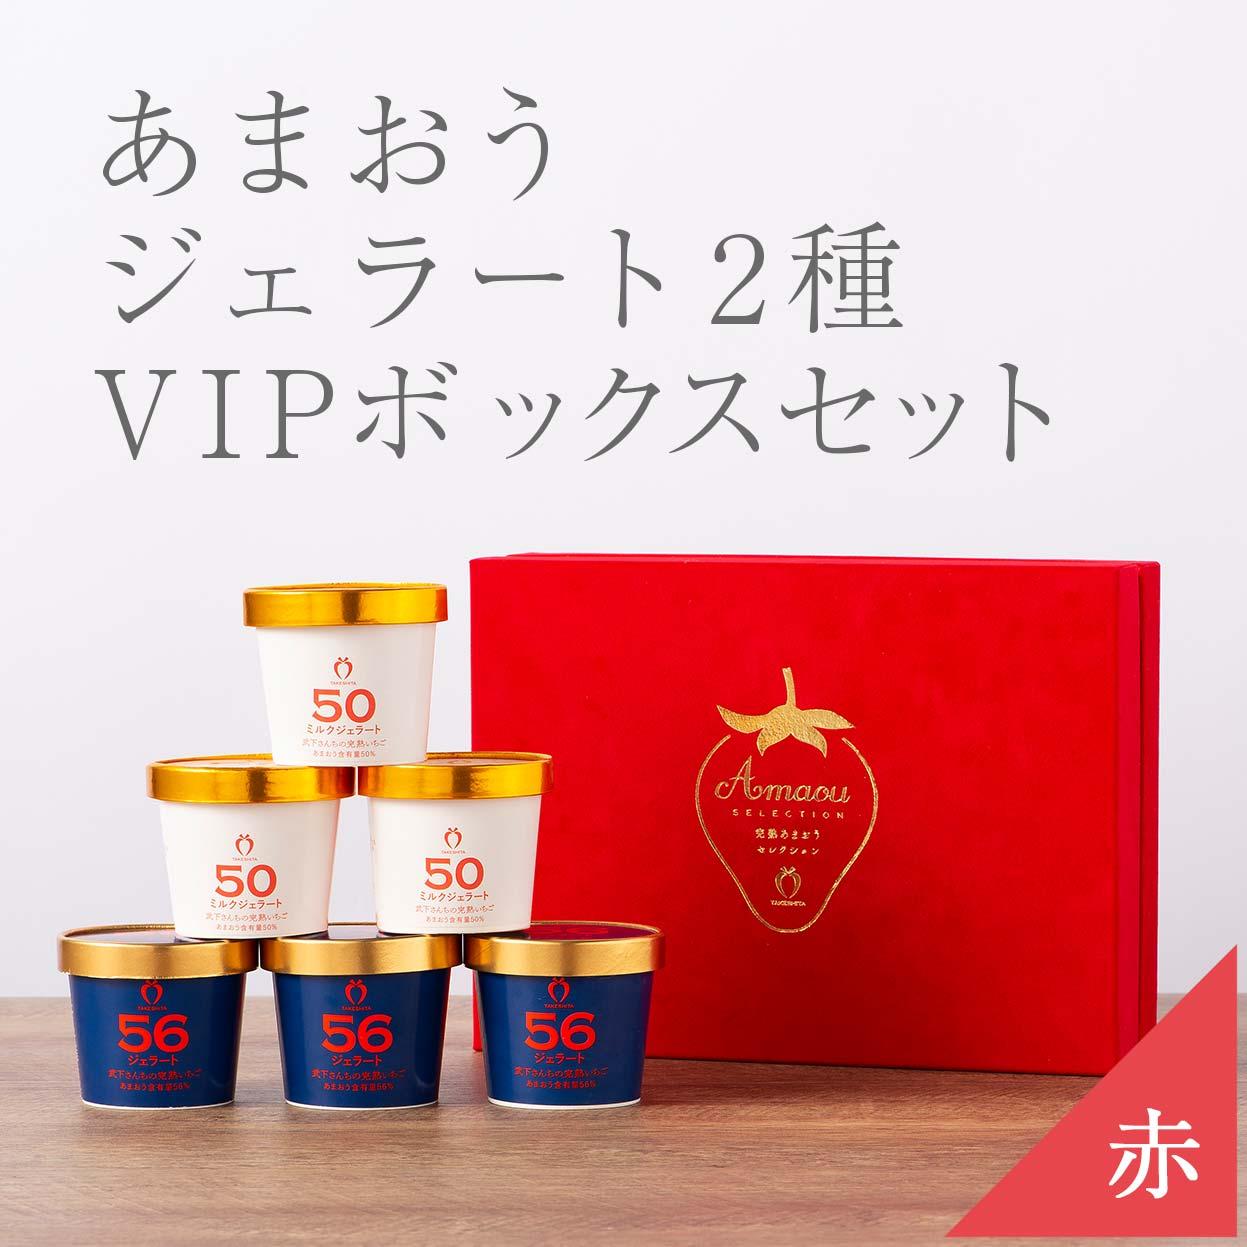 vipboxシリーズ(赤)ジェラート2種セット 6カップ